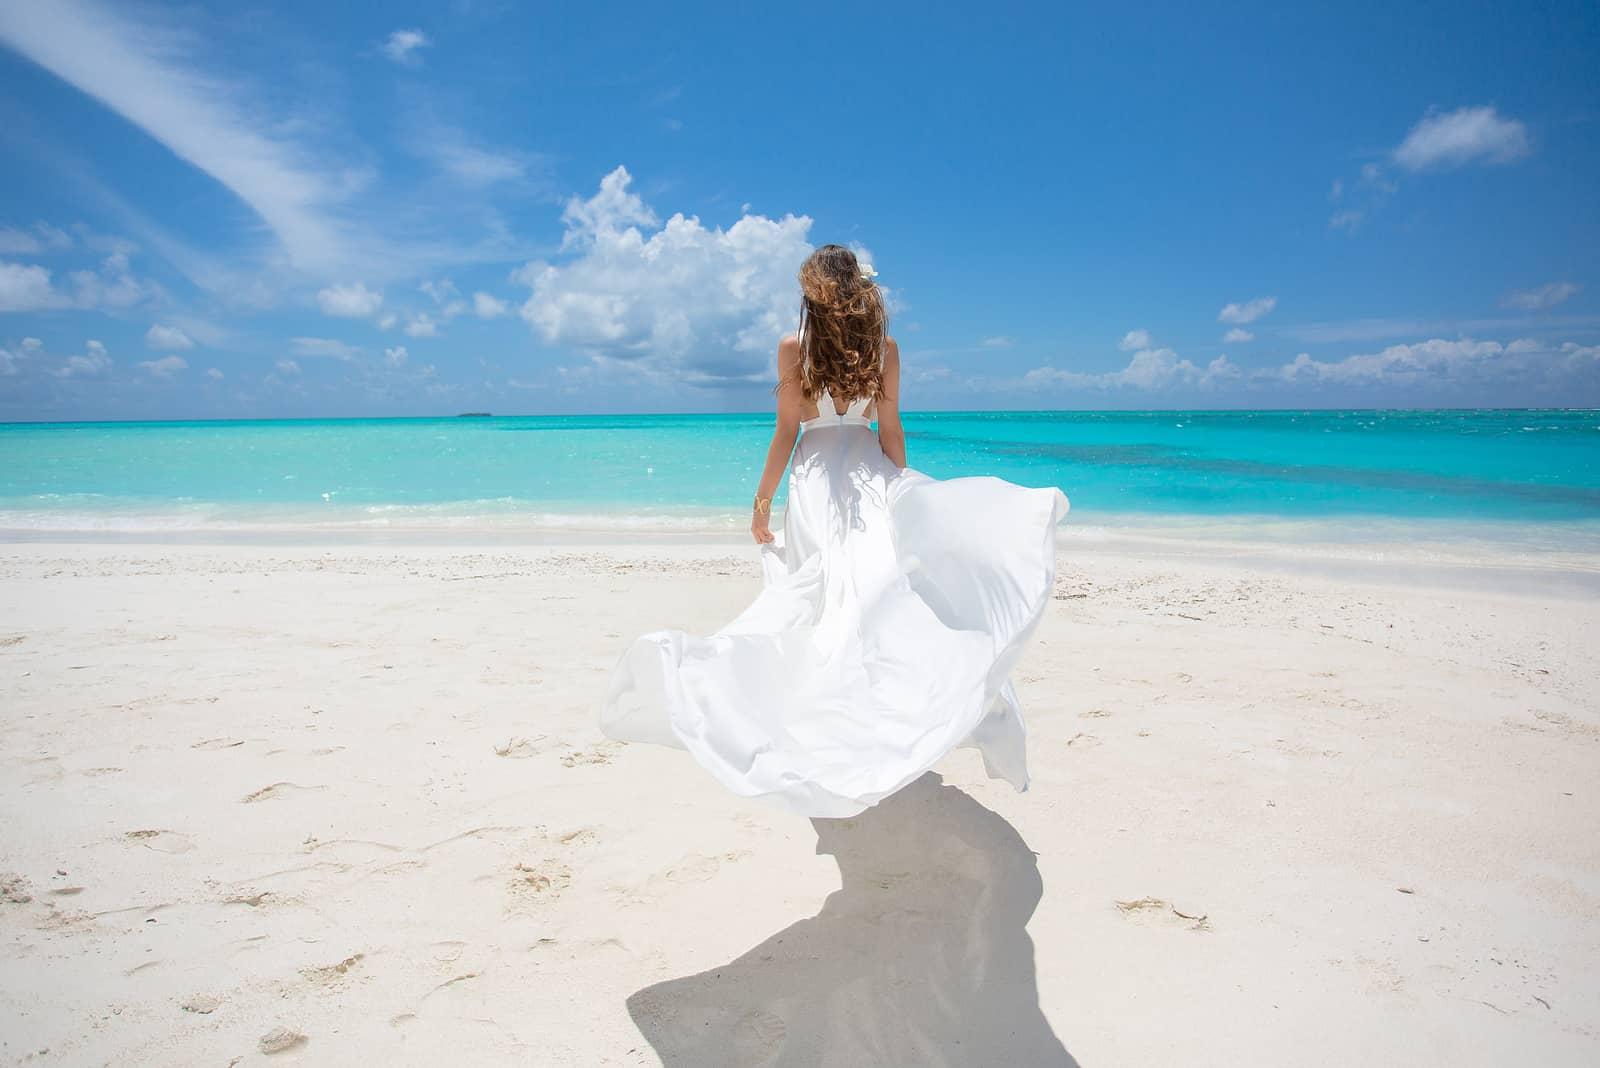 Junge Frau am Strand der tropischen Insel im weißen Kleid